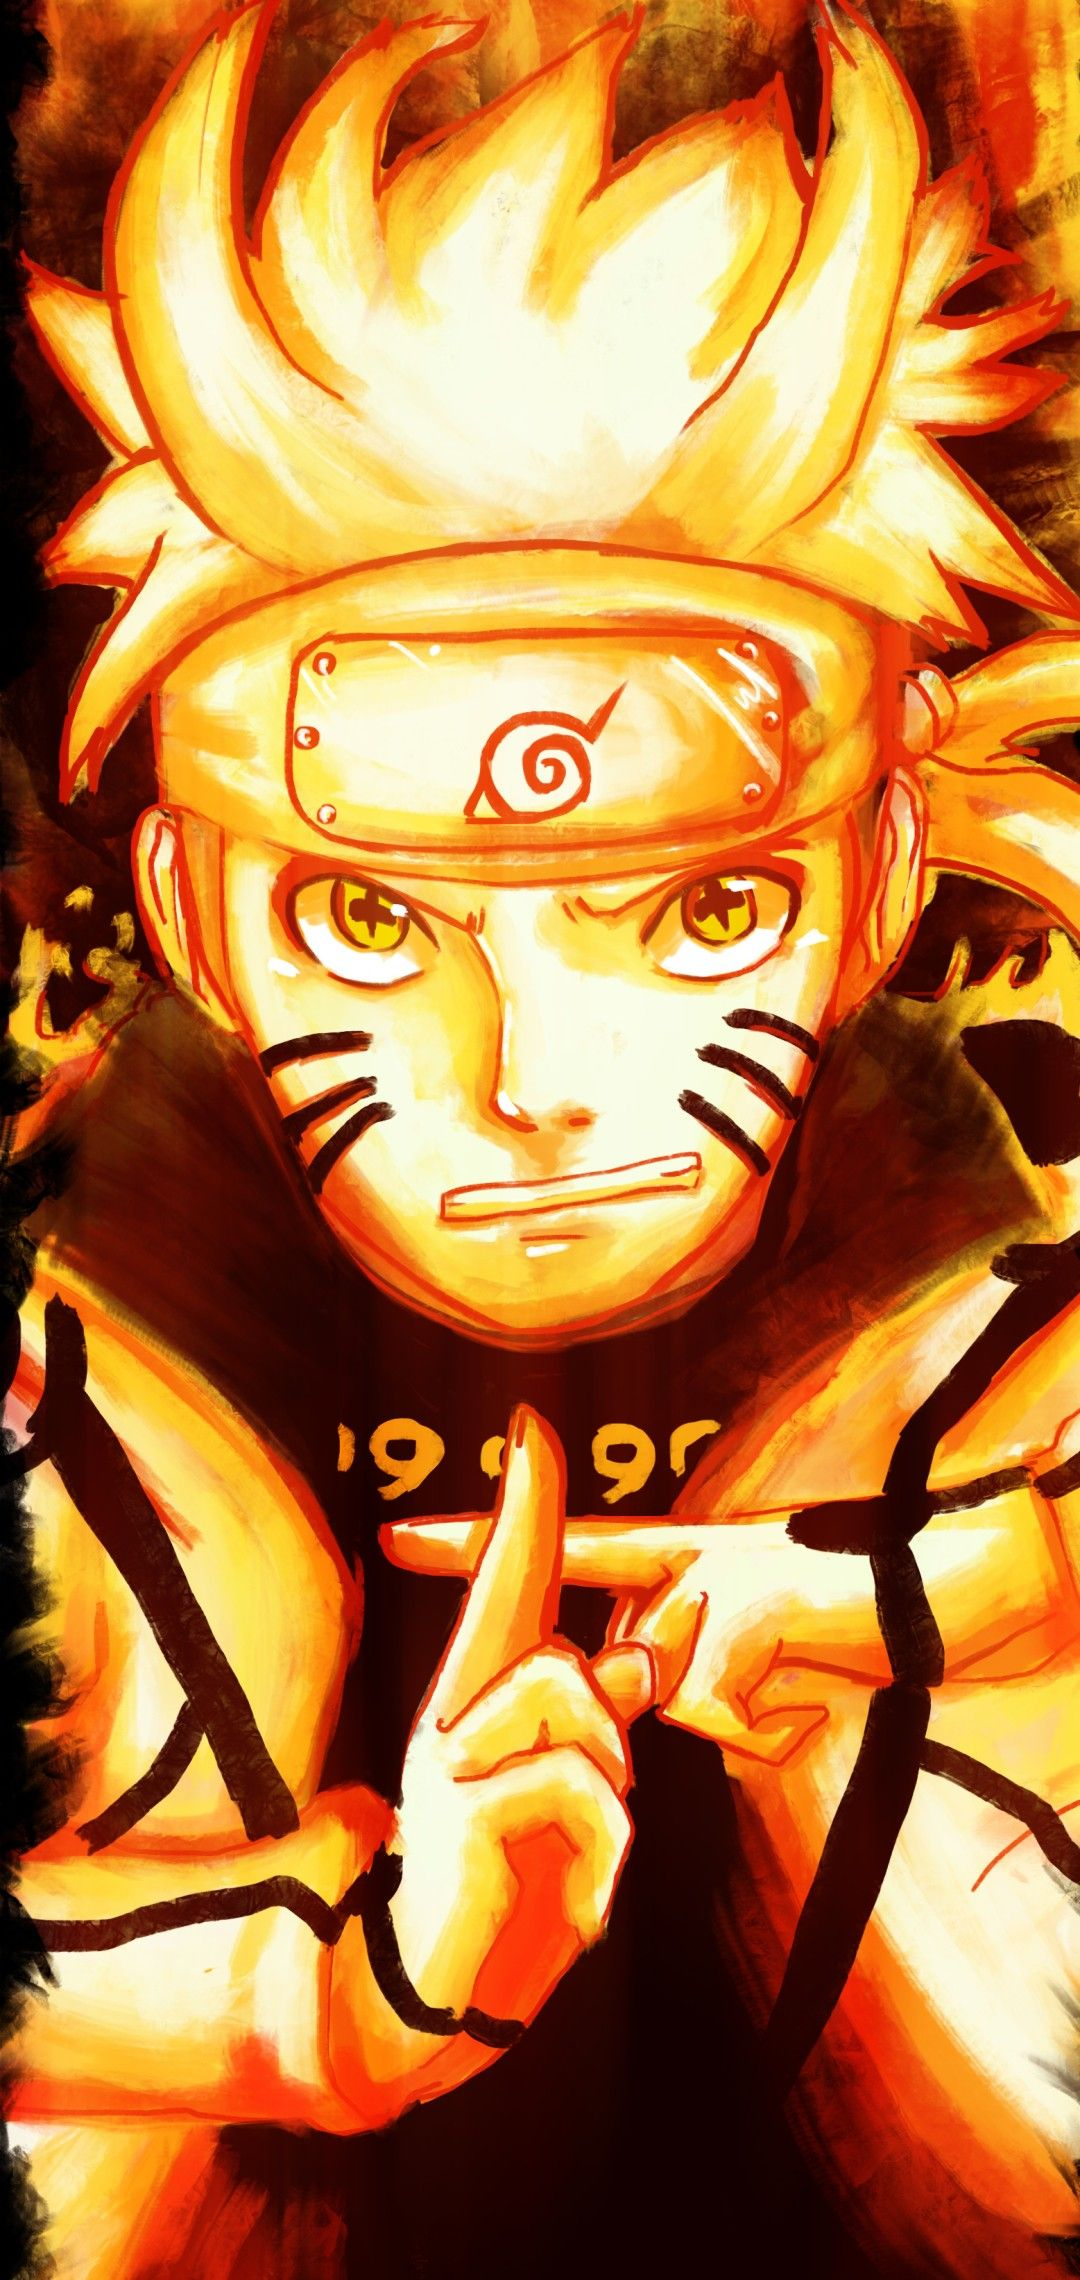 Naruto Uzumaki Modo Kurama Anime Naruto Wallpaper Naruto Shippuden Naruto Shippuden Hd